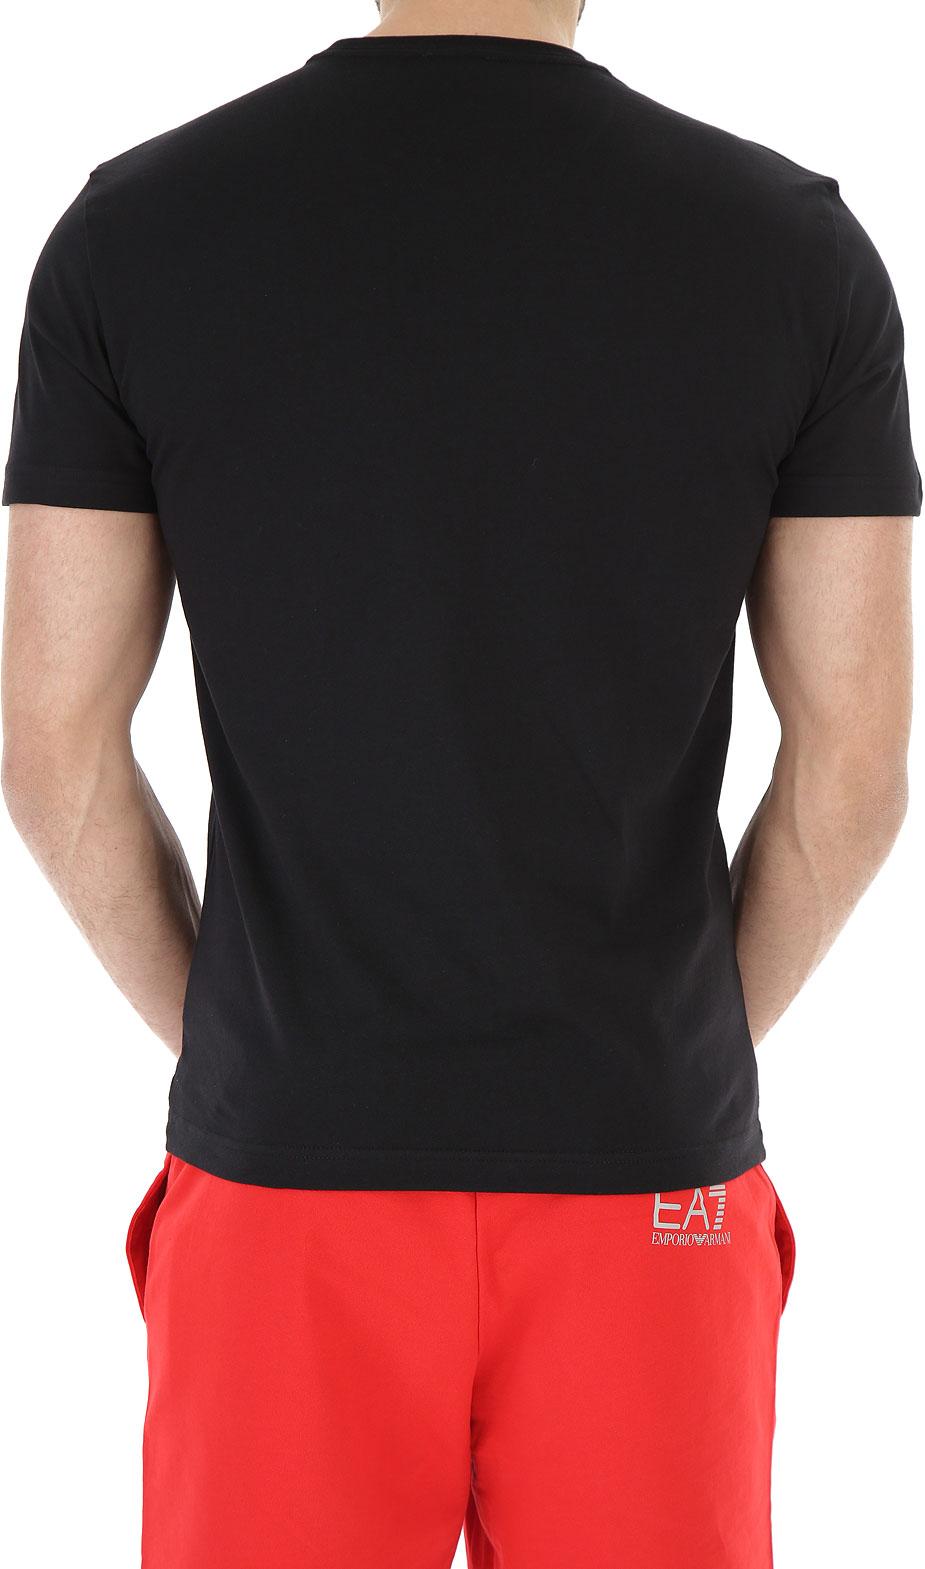 Abbigliamento Uomo Emporio Armani, Codice Articolo: 3zpt45-pj30z-1200